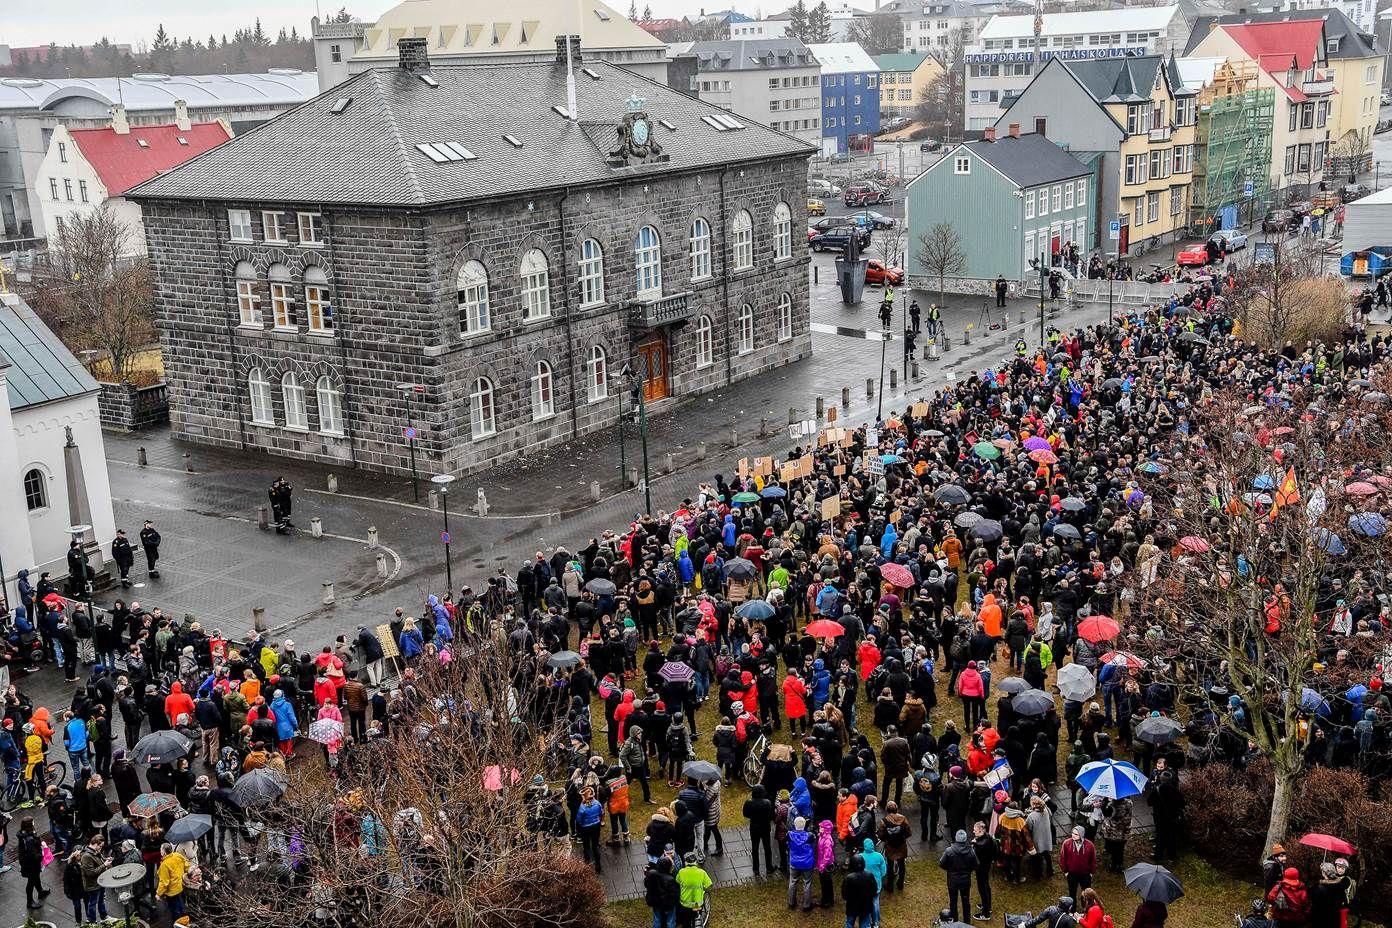 FORLANGER NYVALG: Mange demonstranter har møtt opp utenfor Alltinget i Reykjavik for å vise sin misnøye.